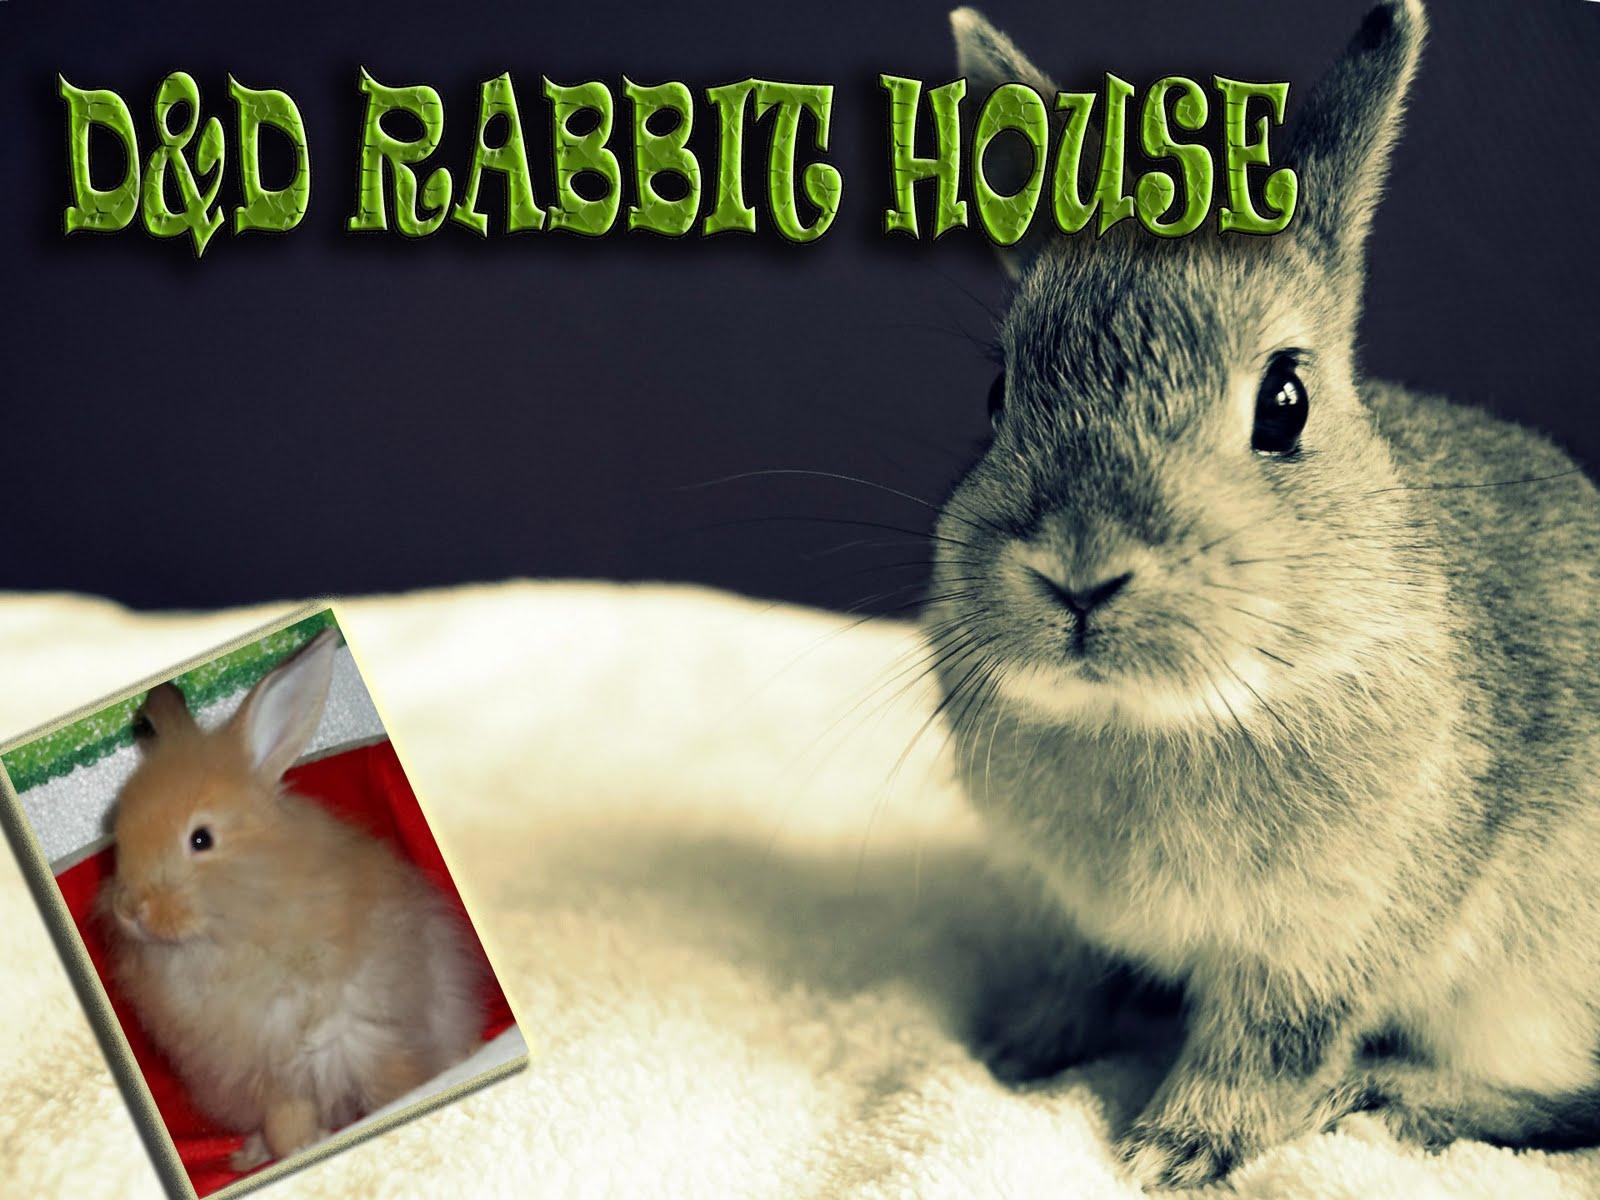 D&D Rabbit H0use...